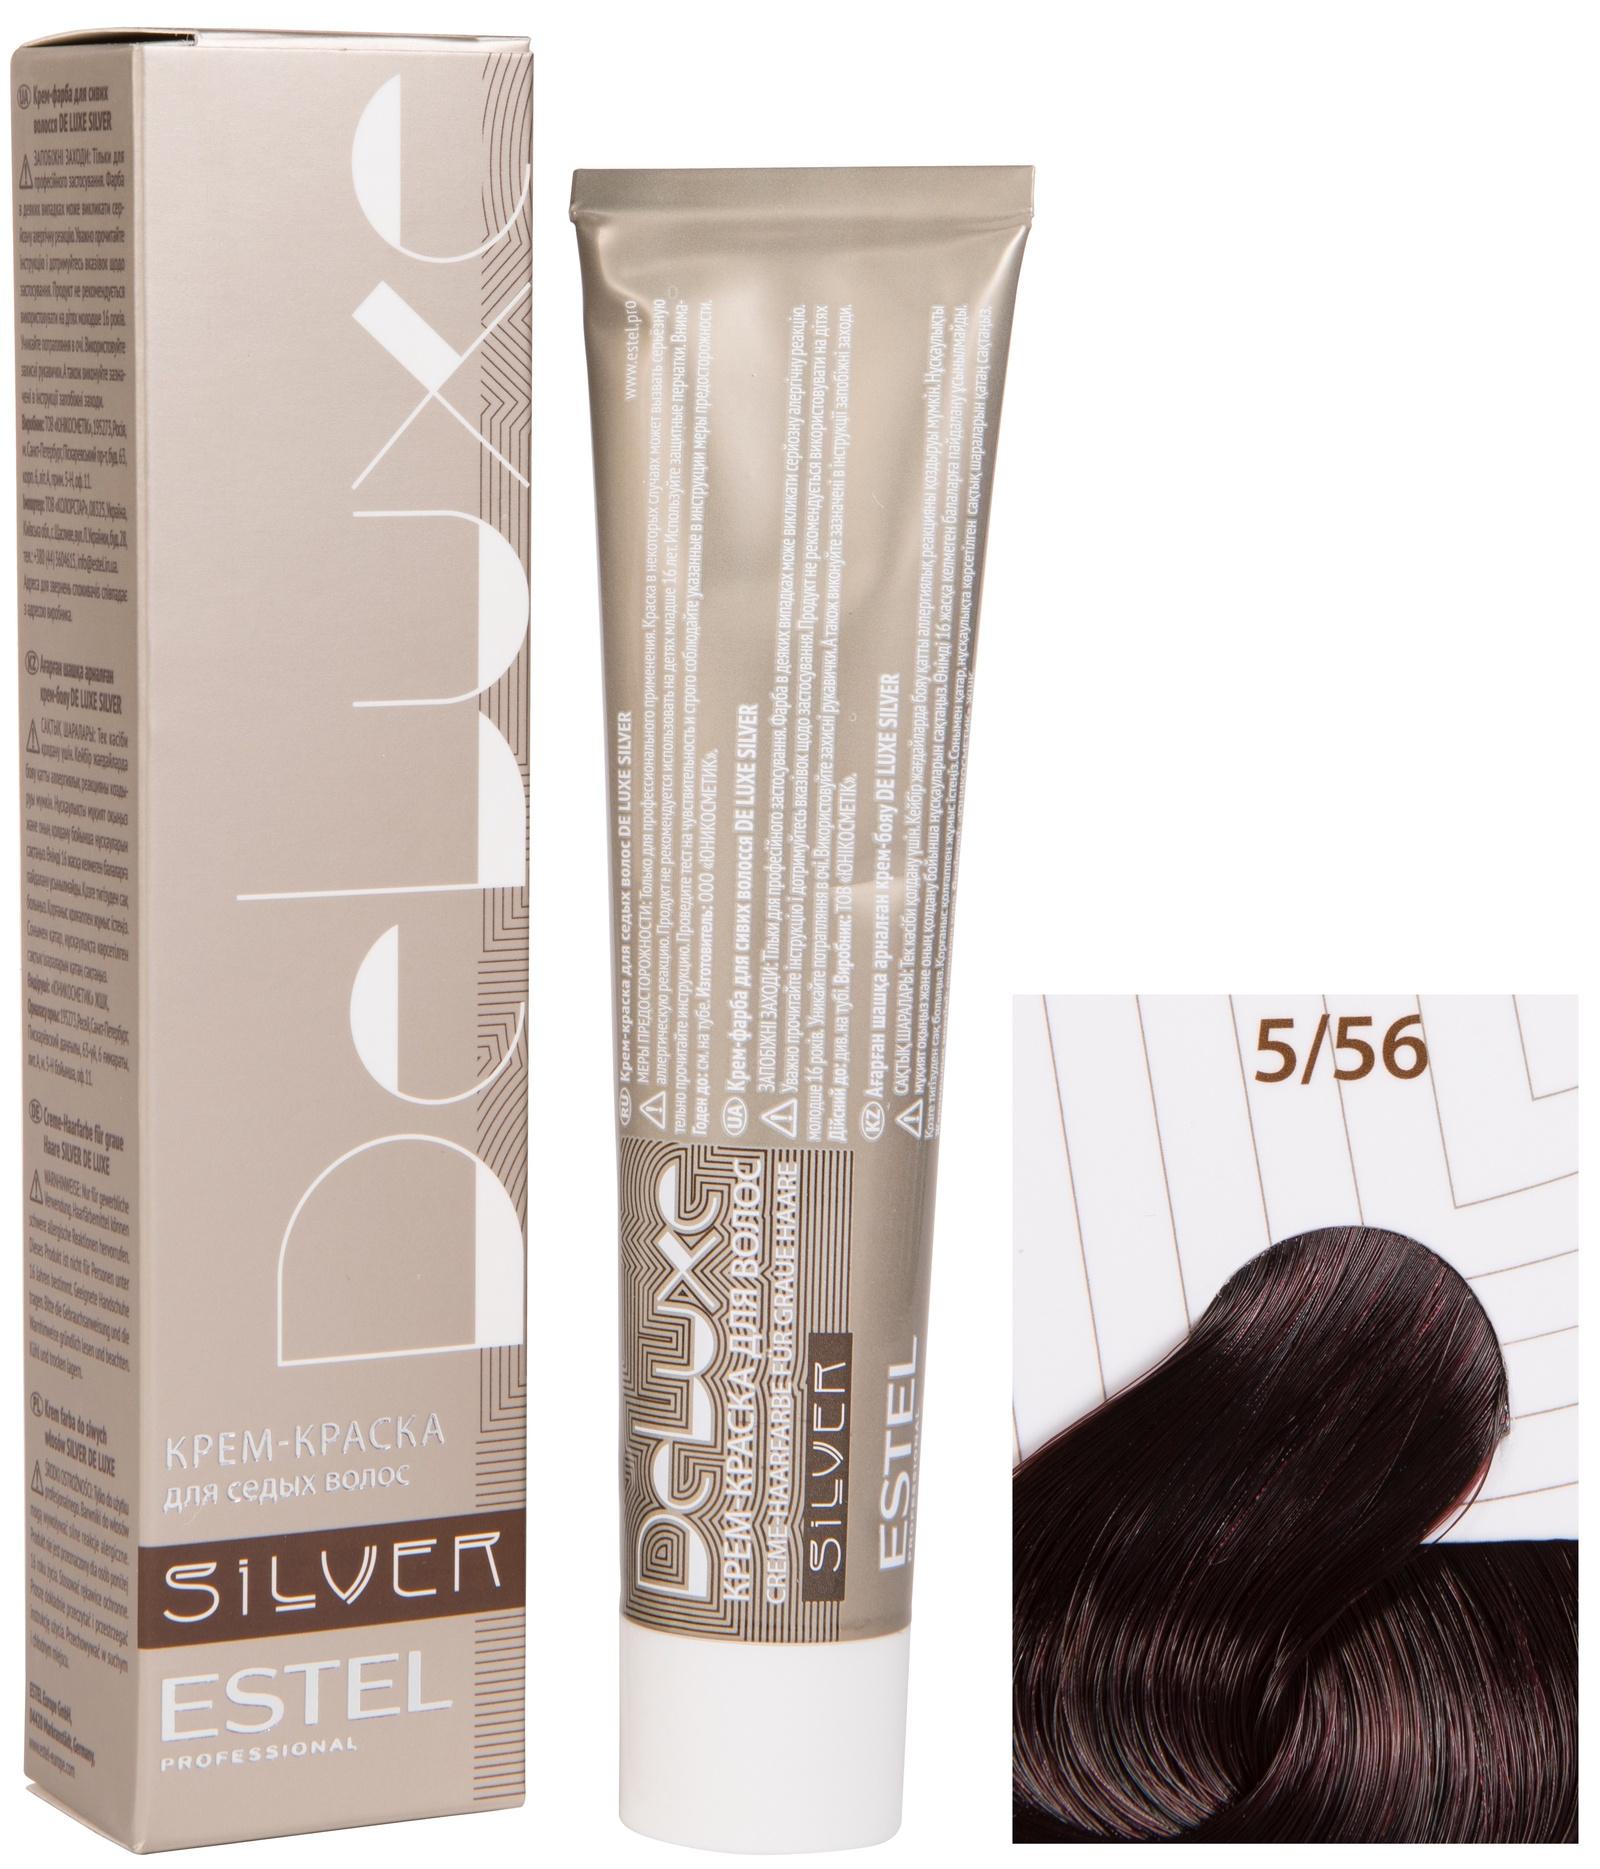 Краска для волос ESTEL PROFESSIONAL 5/56 краска-уход DE LUXE SILVER для окрашивания волос, светлый шатен красно-фиолетовый 60 мл недорго, оригинальная цена